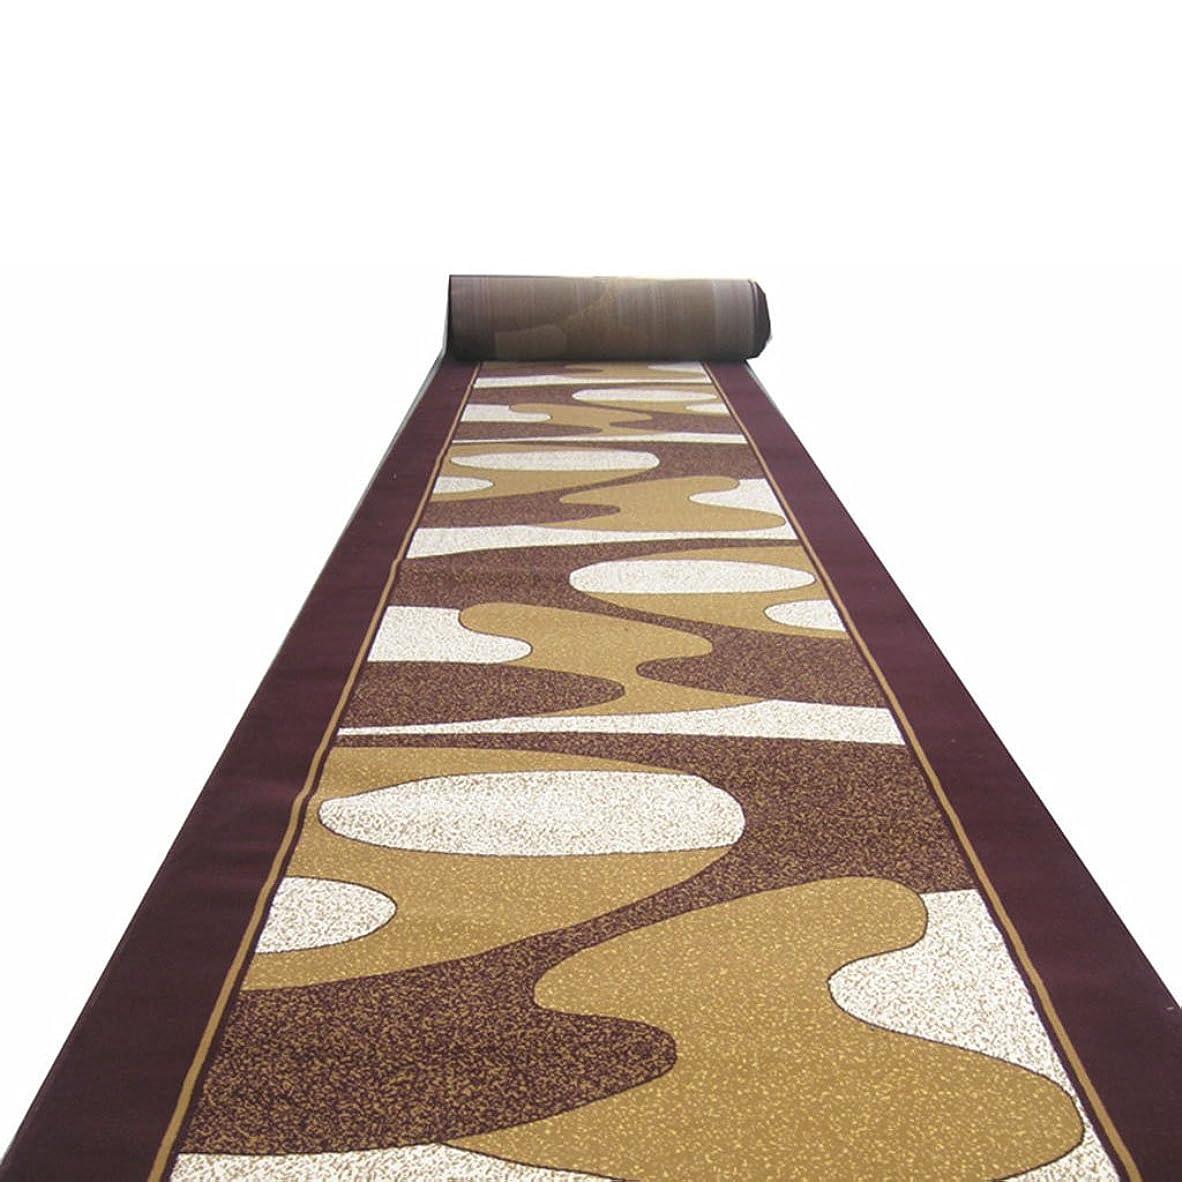 支配するクスクス建てるヨーロッパの滑り止めロングカーペット廊下ランナー階段ランナーホテル通路ランナーホームポーチドアマット寝室リビングルームフルカーペット (Color : BROWN, Size : 1*5M)